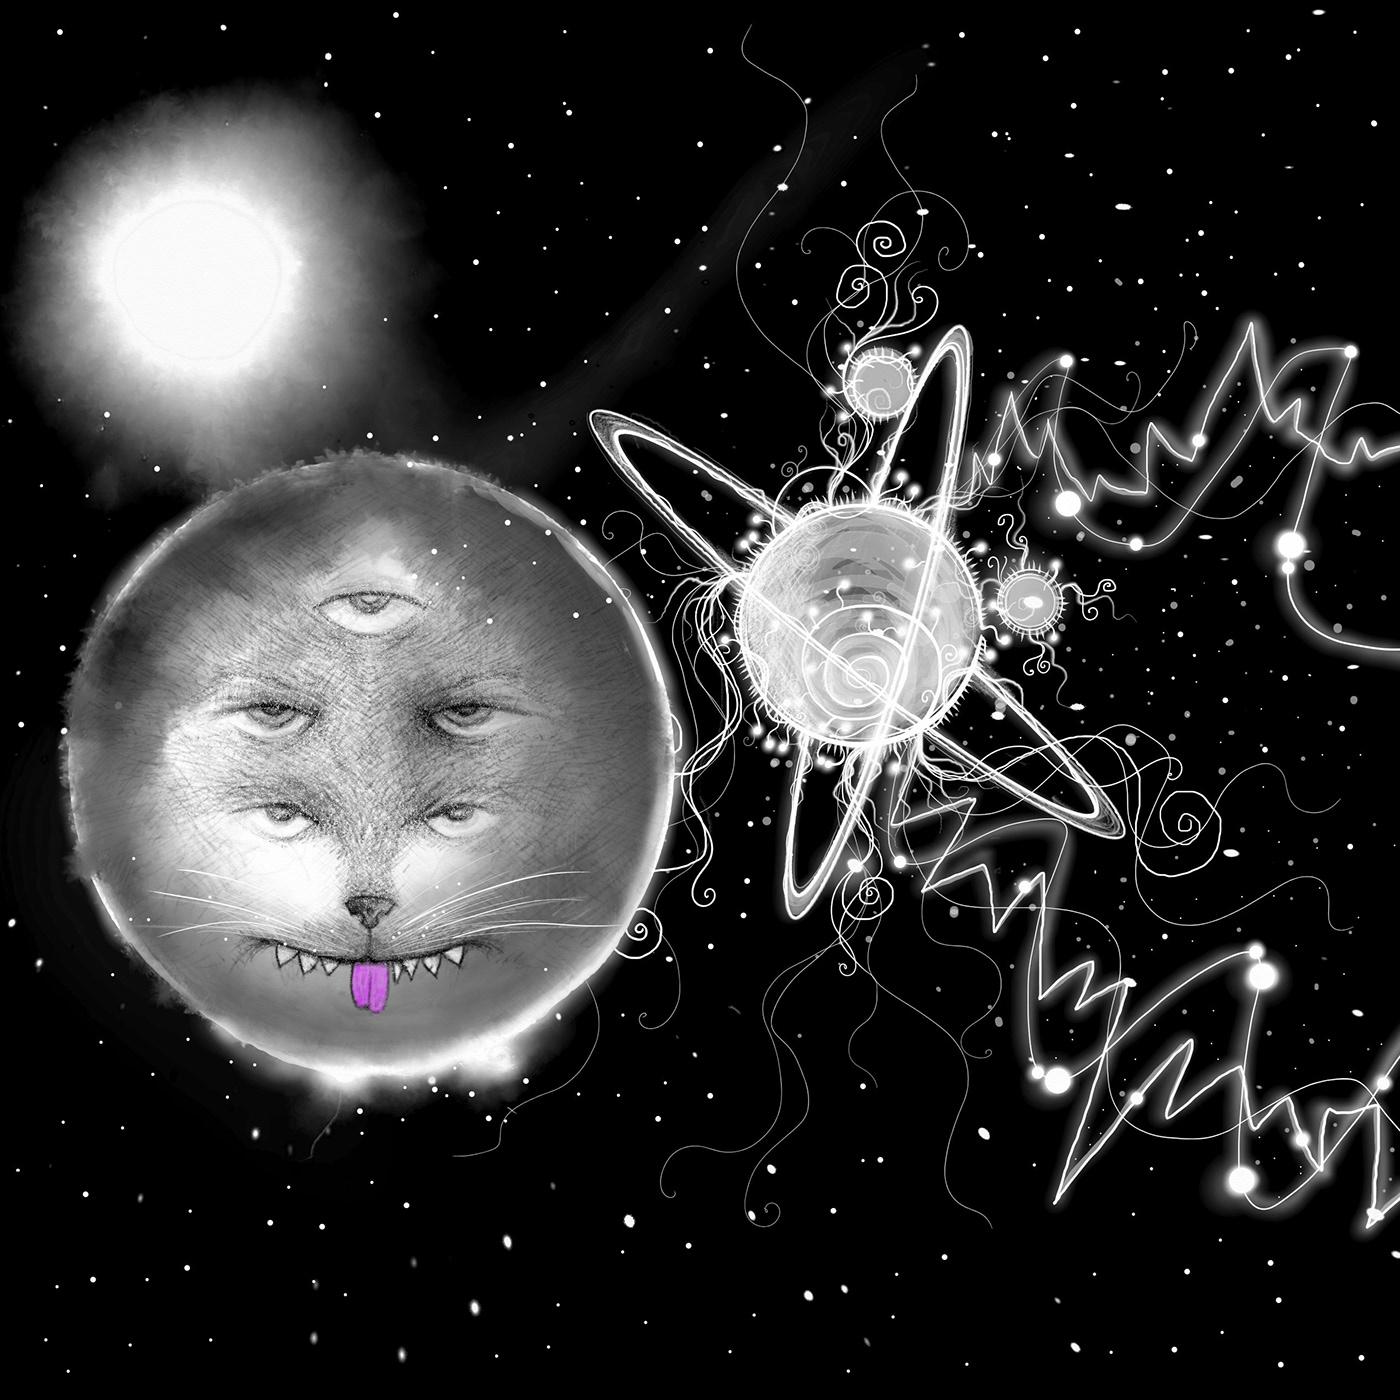 Image may contain: moon, cartoon and art